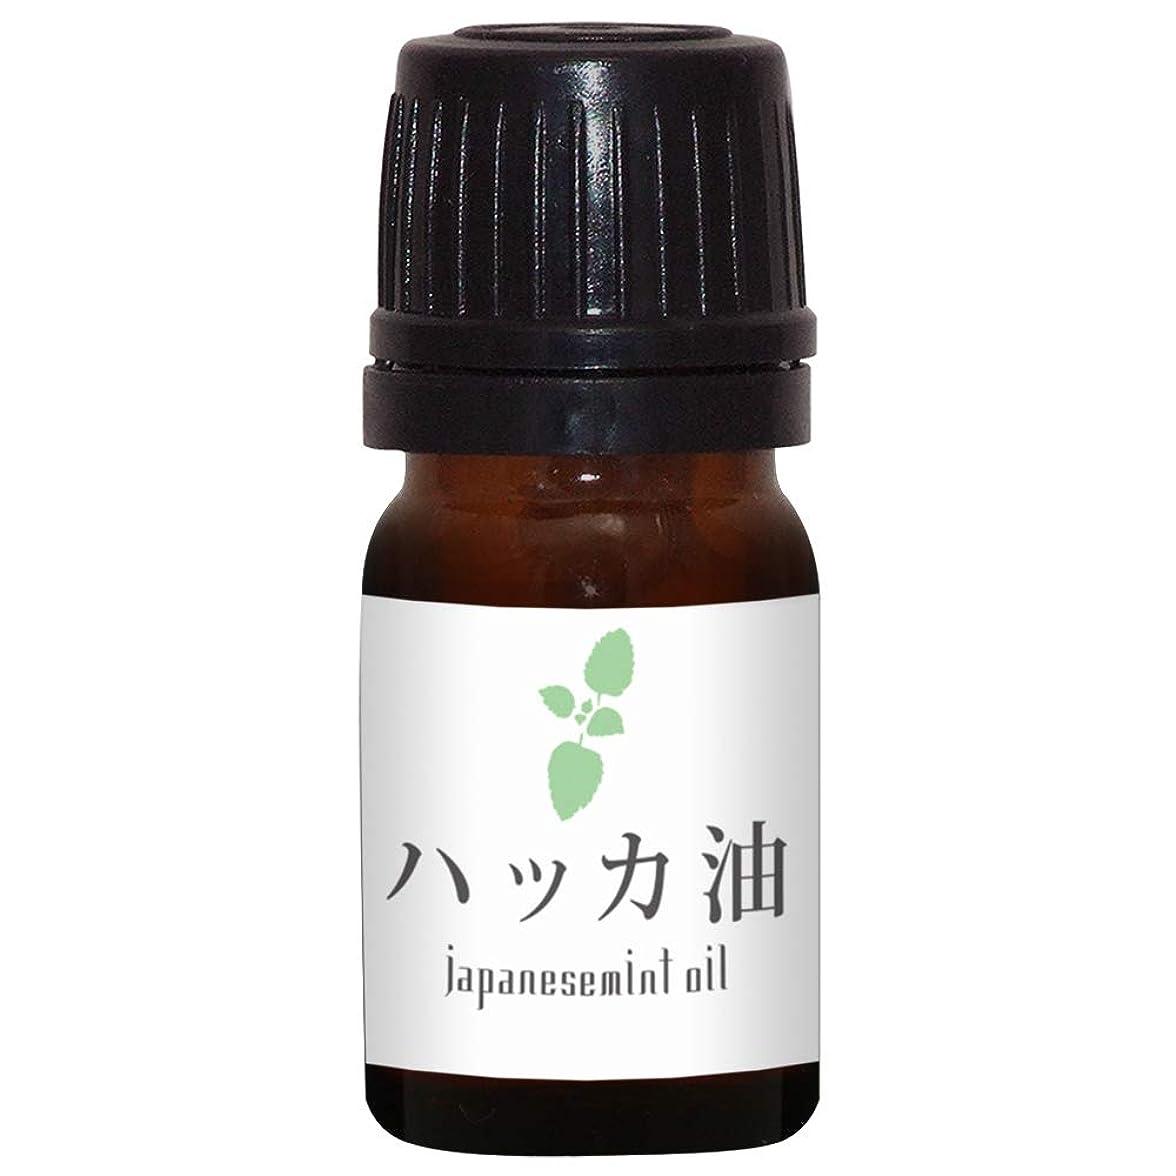 マカダムシンボル予防接種ガレージゼロ ハッカ油 (5ml)